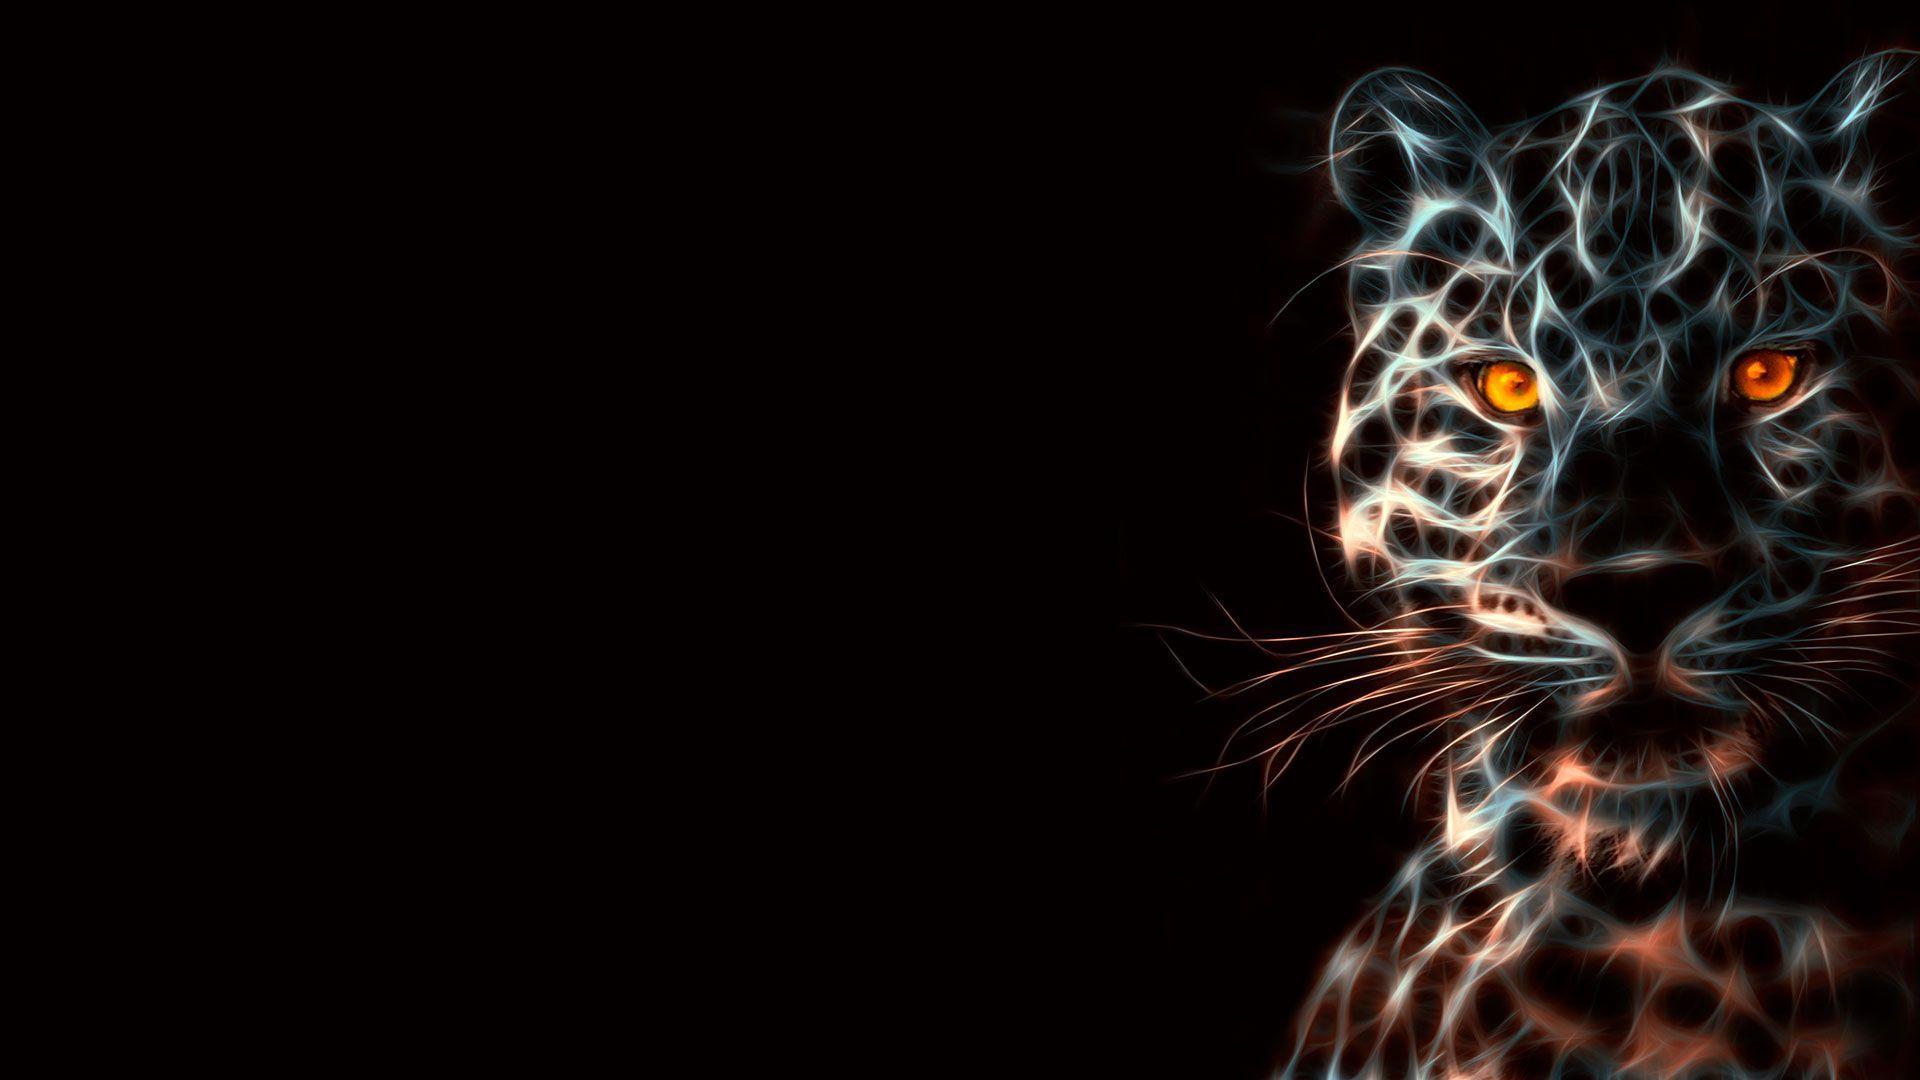 Digital Leopard Art Wallpapers: Neon Animals Wallpapers